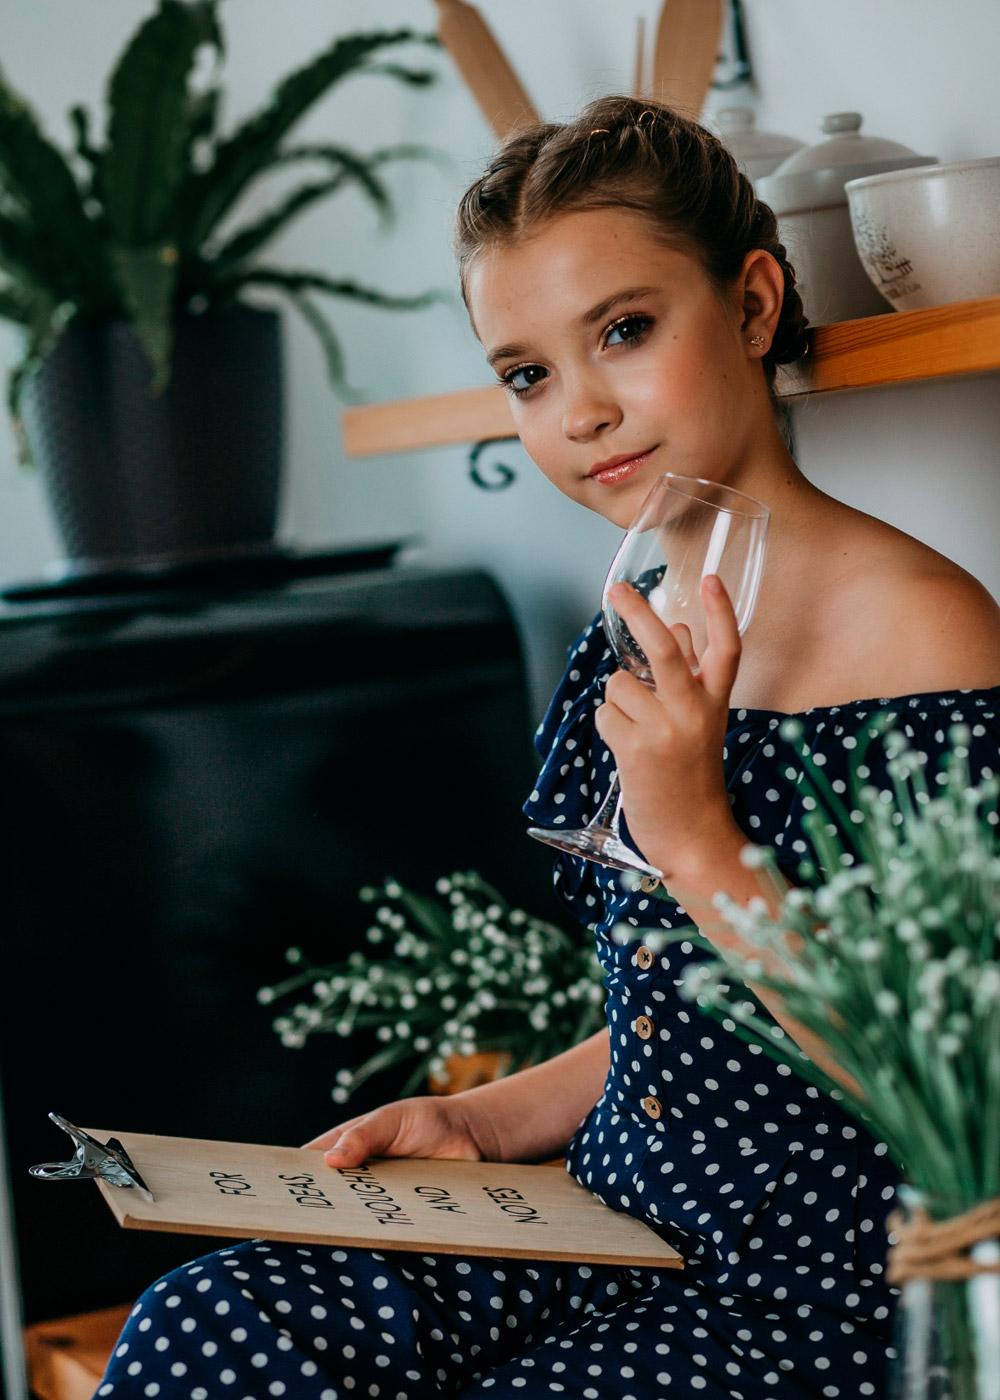 Olesia Bahatko